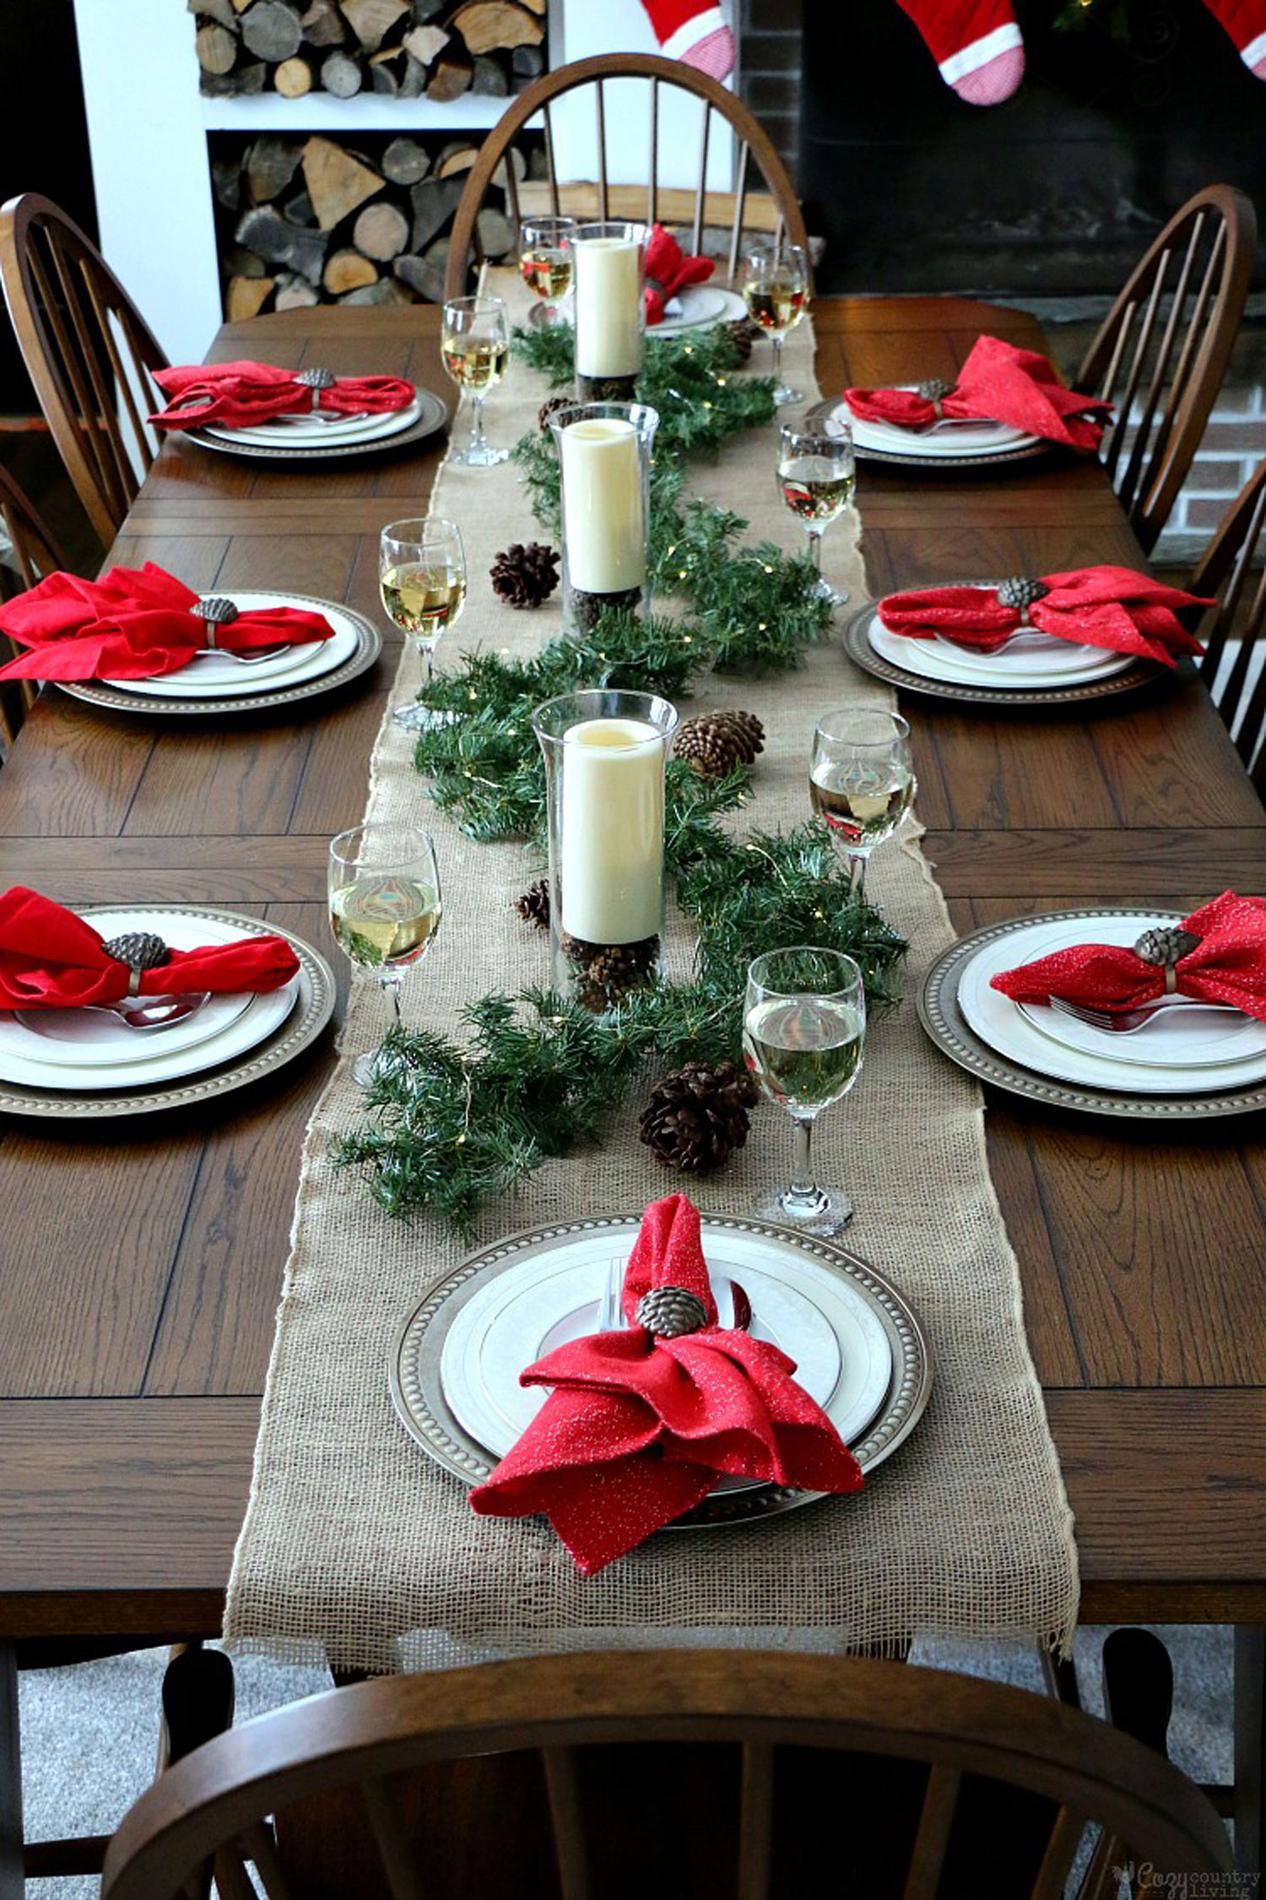 Douze tables de f tes last minute rep r es sur pinterest cuisine madame figaro - Table cuisine pin ...